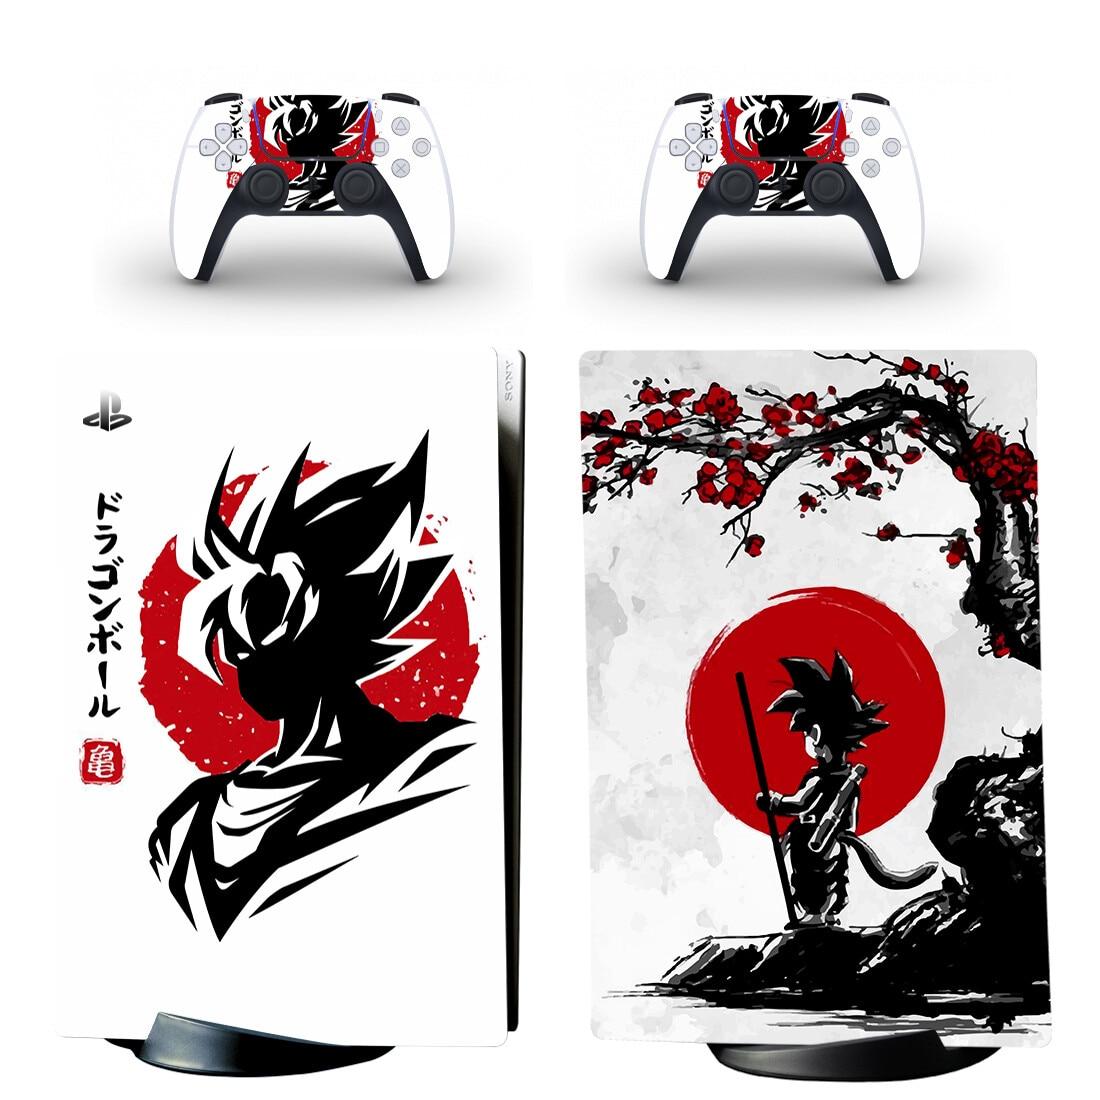 غوكو فيغيتا PS5 طبعة رقمية الجلد ملصق غطاء لاصق لامع لوحدة التحكم بلاي ستيشن 5 ووحدات تحكم PS5 الجلد ملصق الفينيل